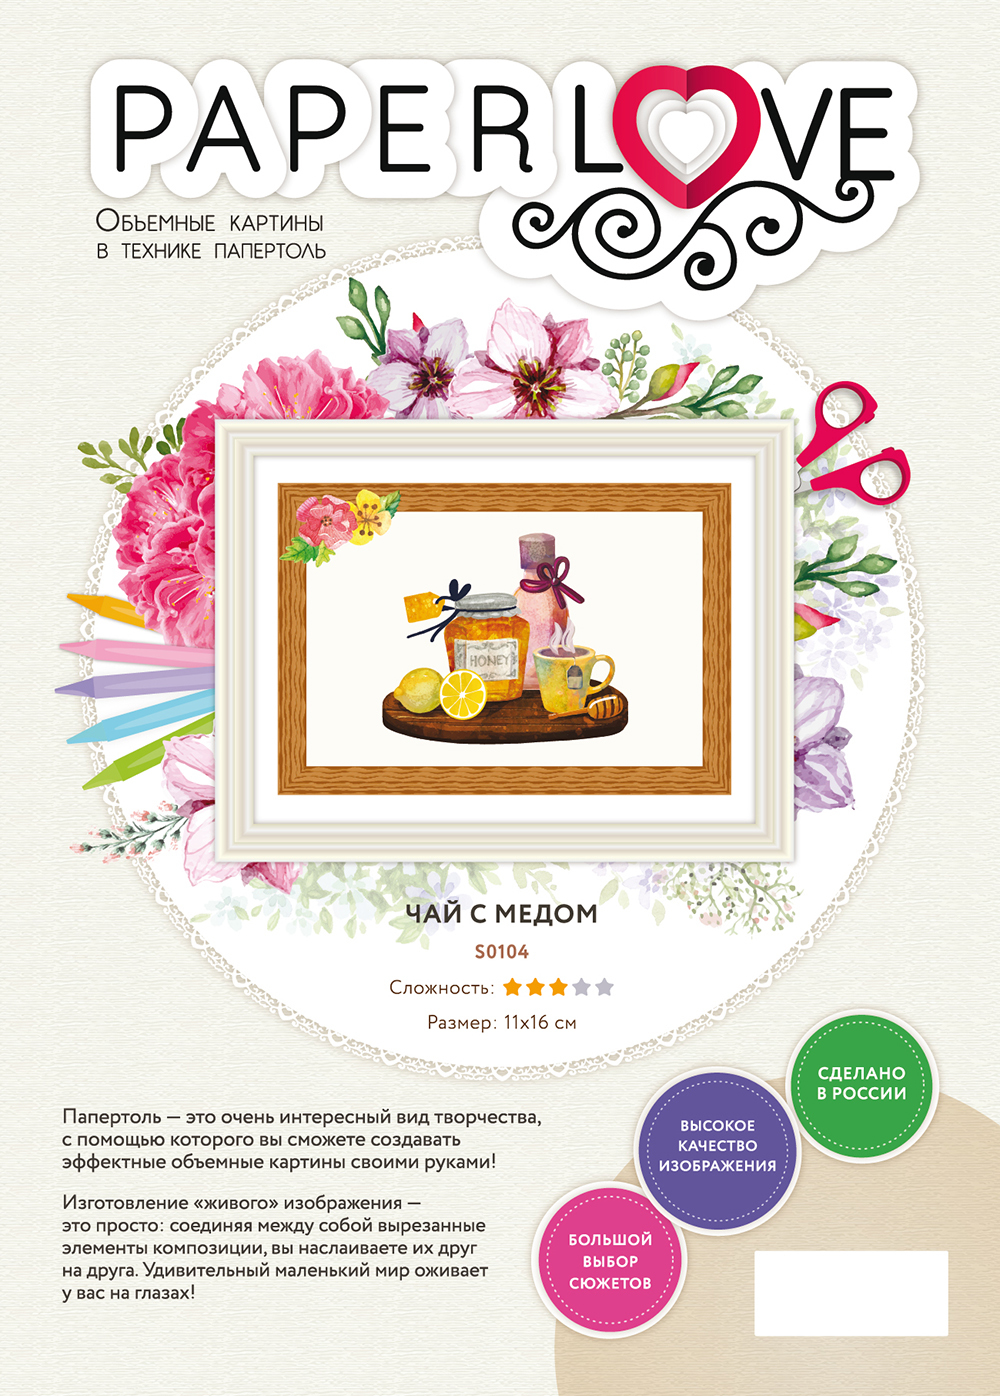 Папертоль Чай с медом — фото обложки.